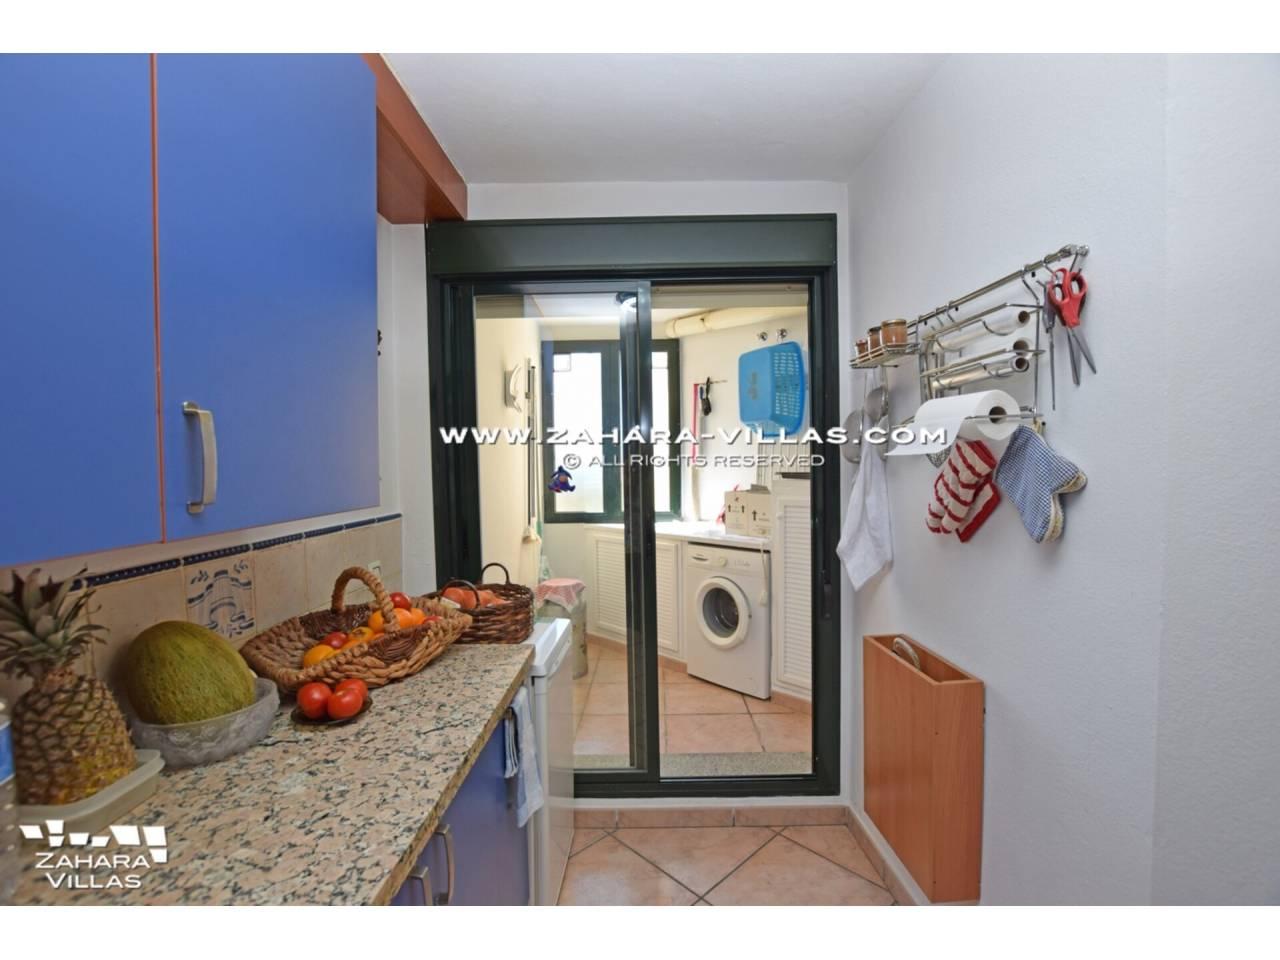 Imagen 12 de Apartamento en venta en urbanización Jardines de Zahara - Atlanterra